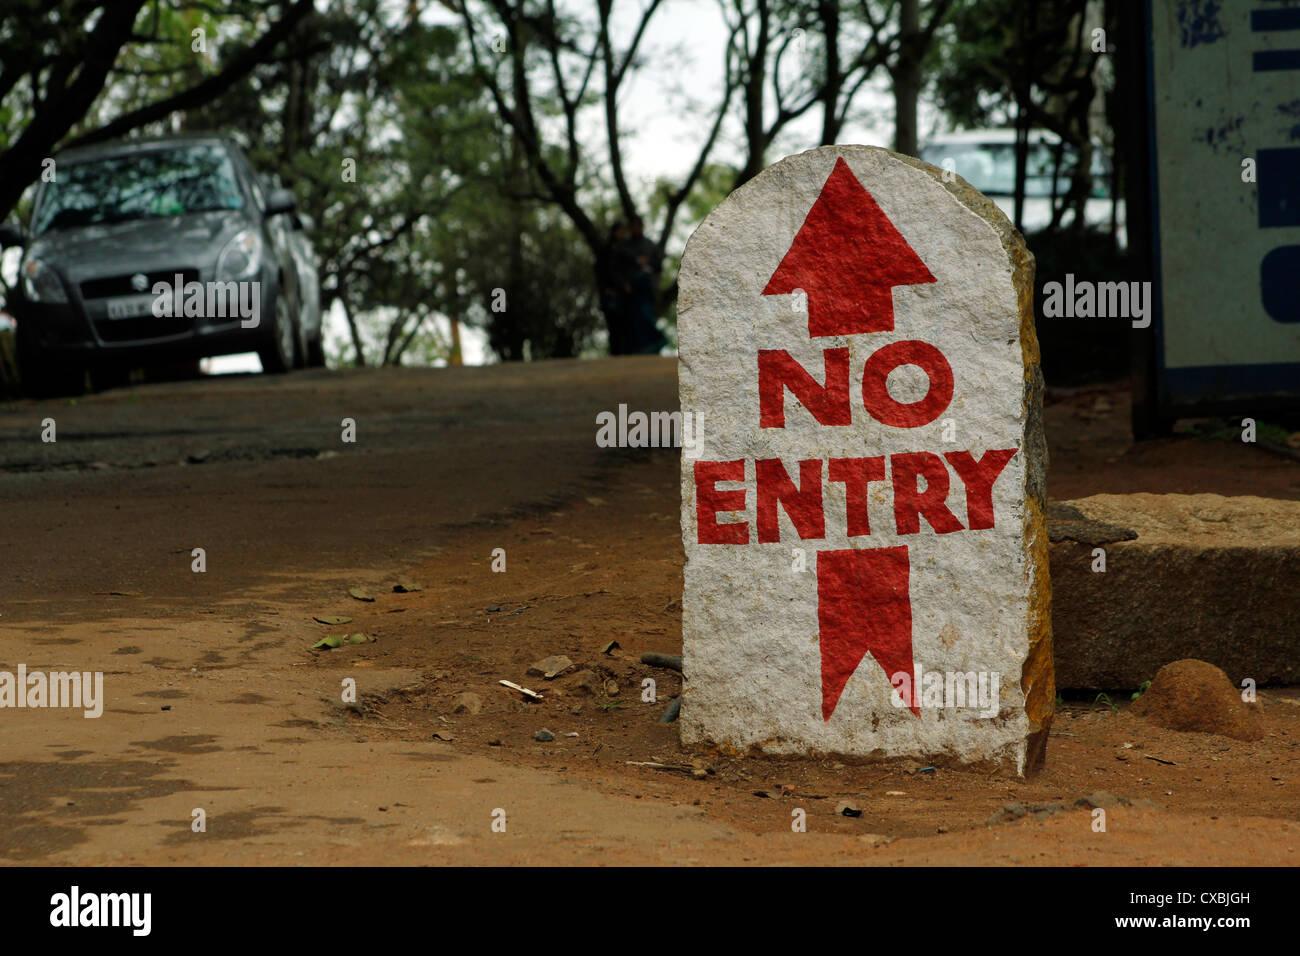 No entry sign at Nandi hills, Bangalore, India - Stock Image